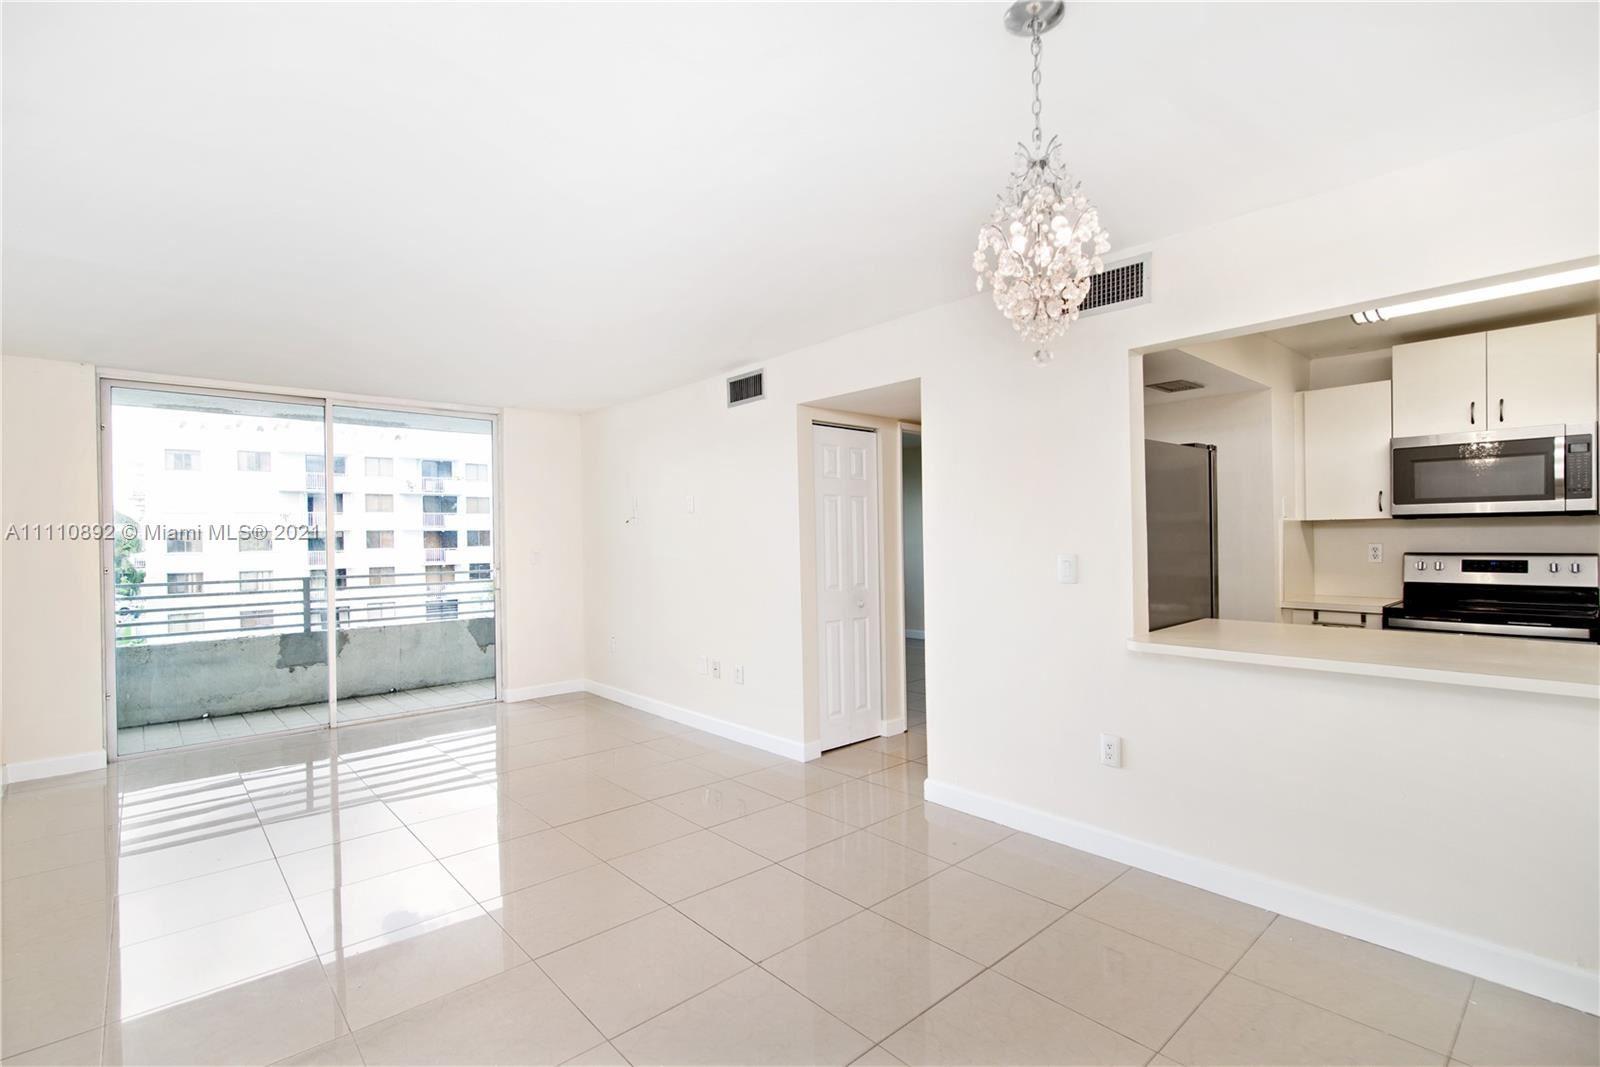 8231 NW 8th St #2-308, Miami, FL 33126 - #: A11110892